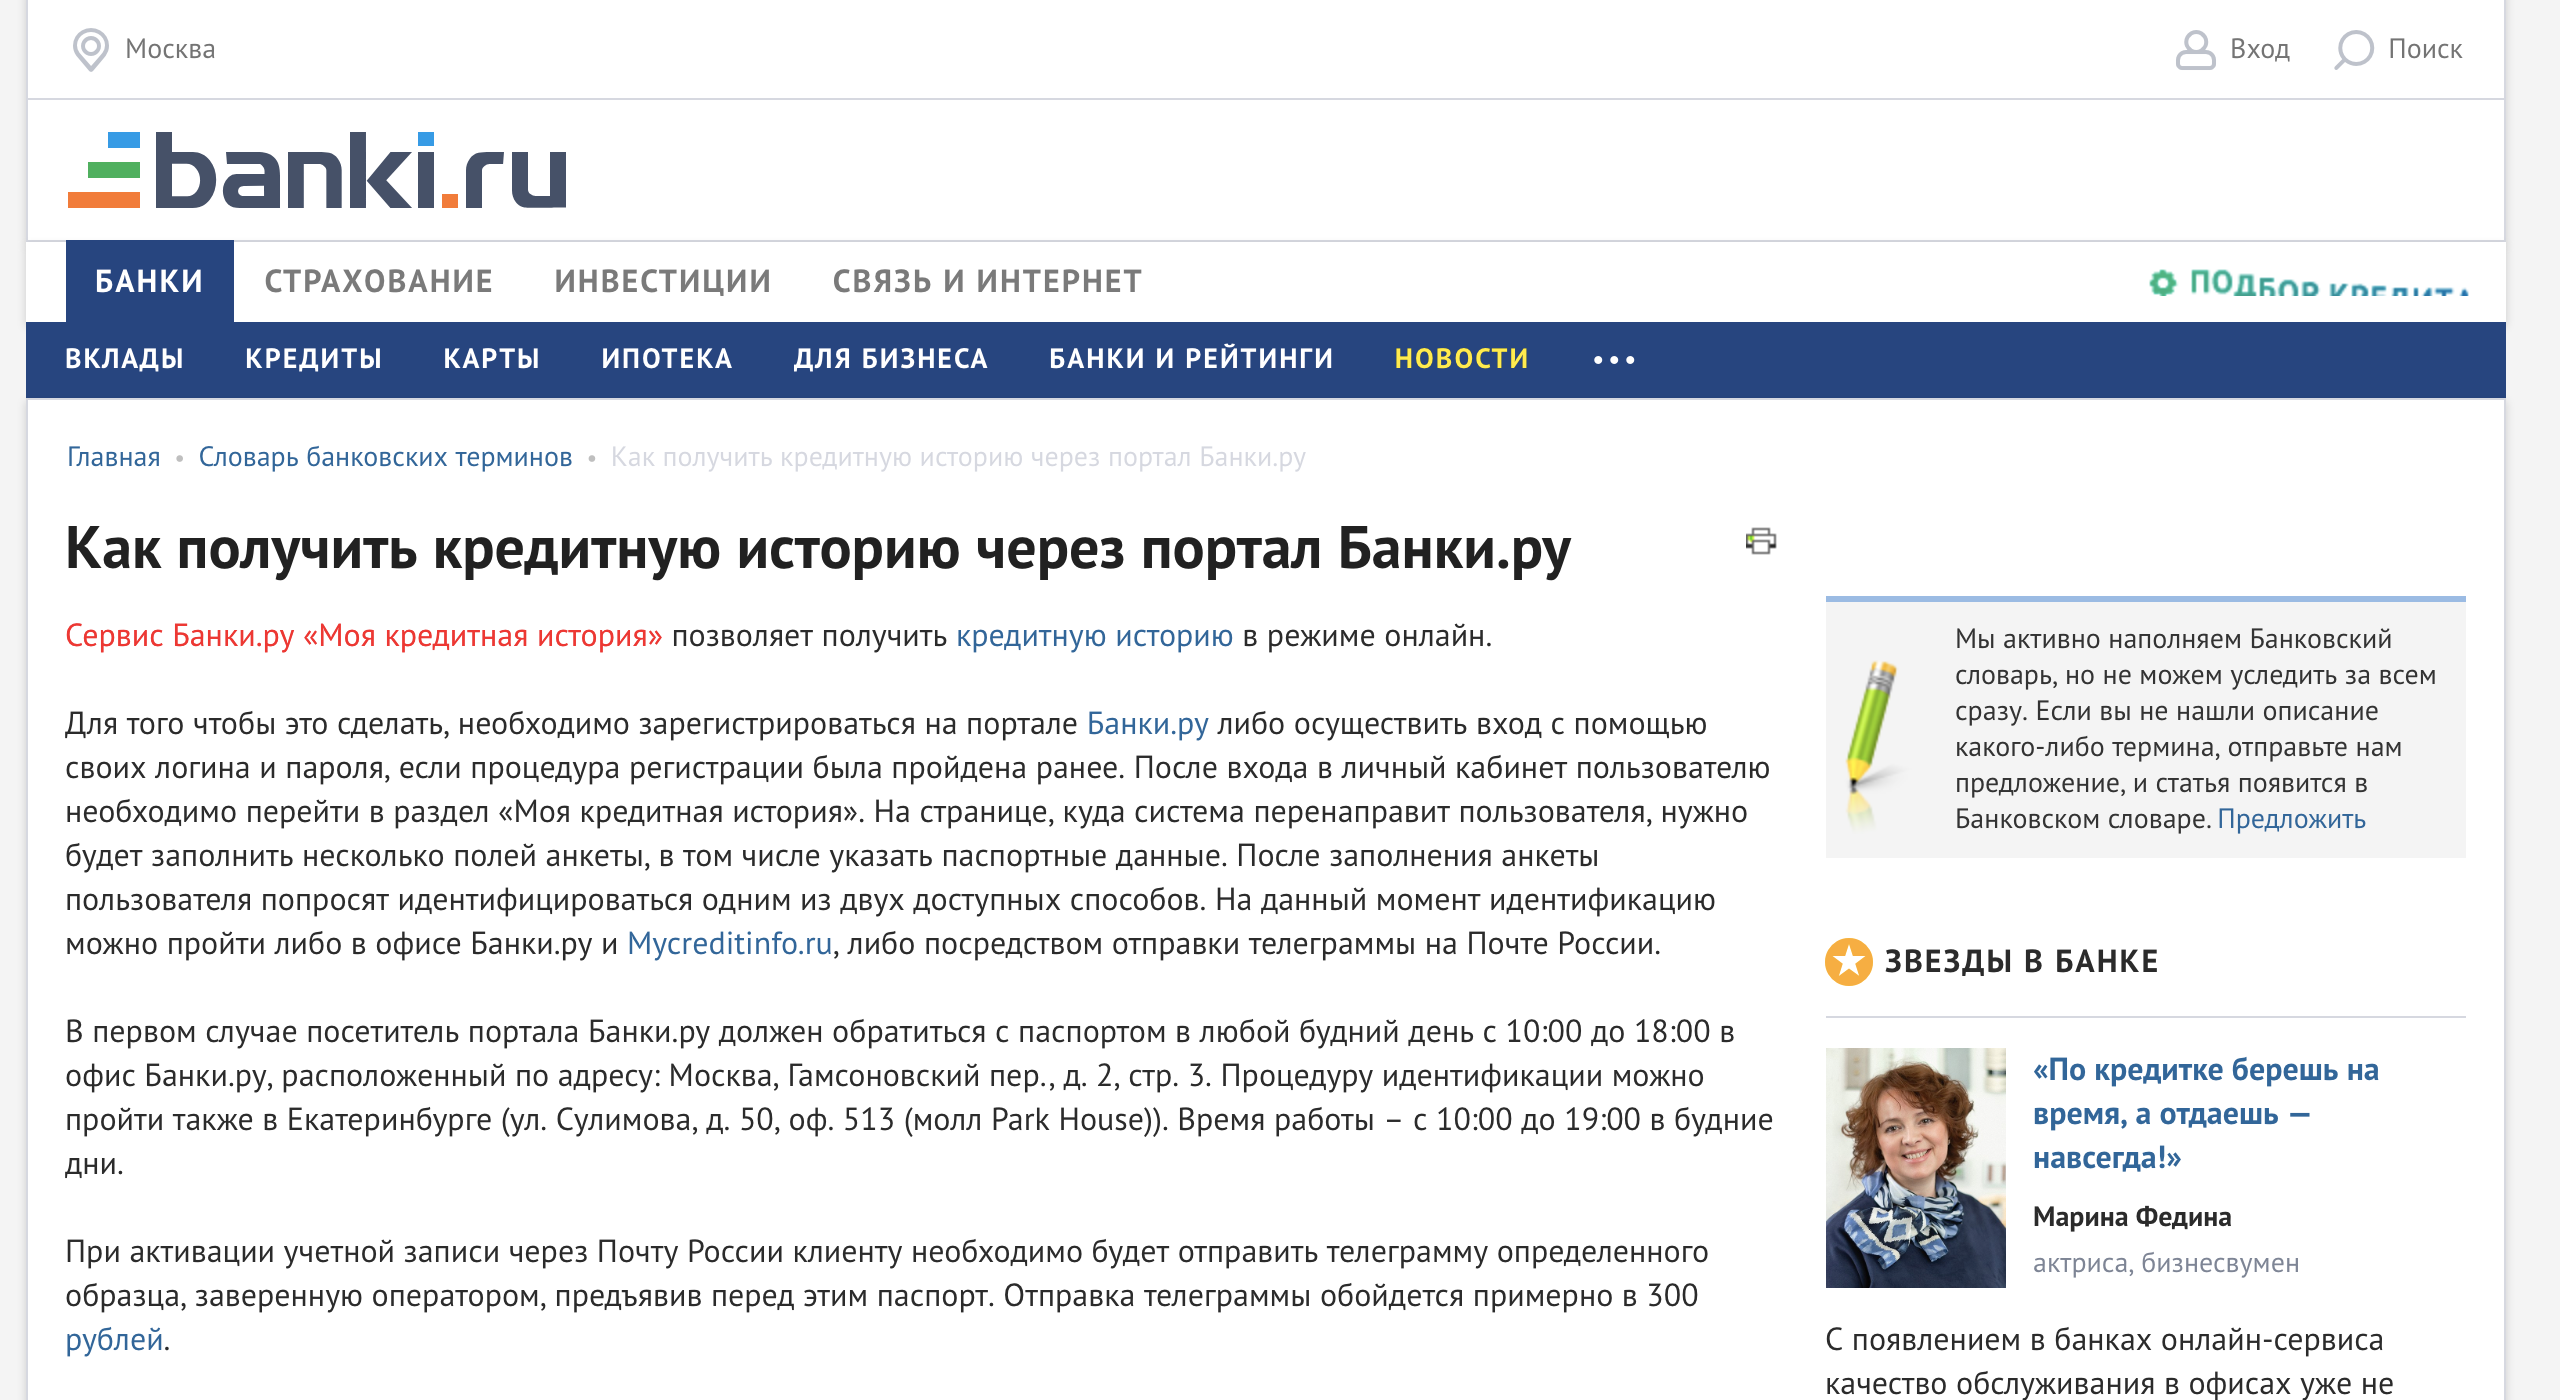 Портал Banki.ru, всё делает через интернет